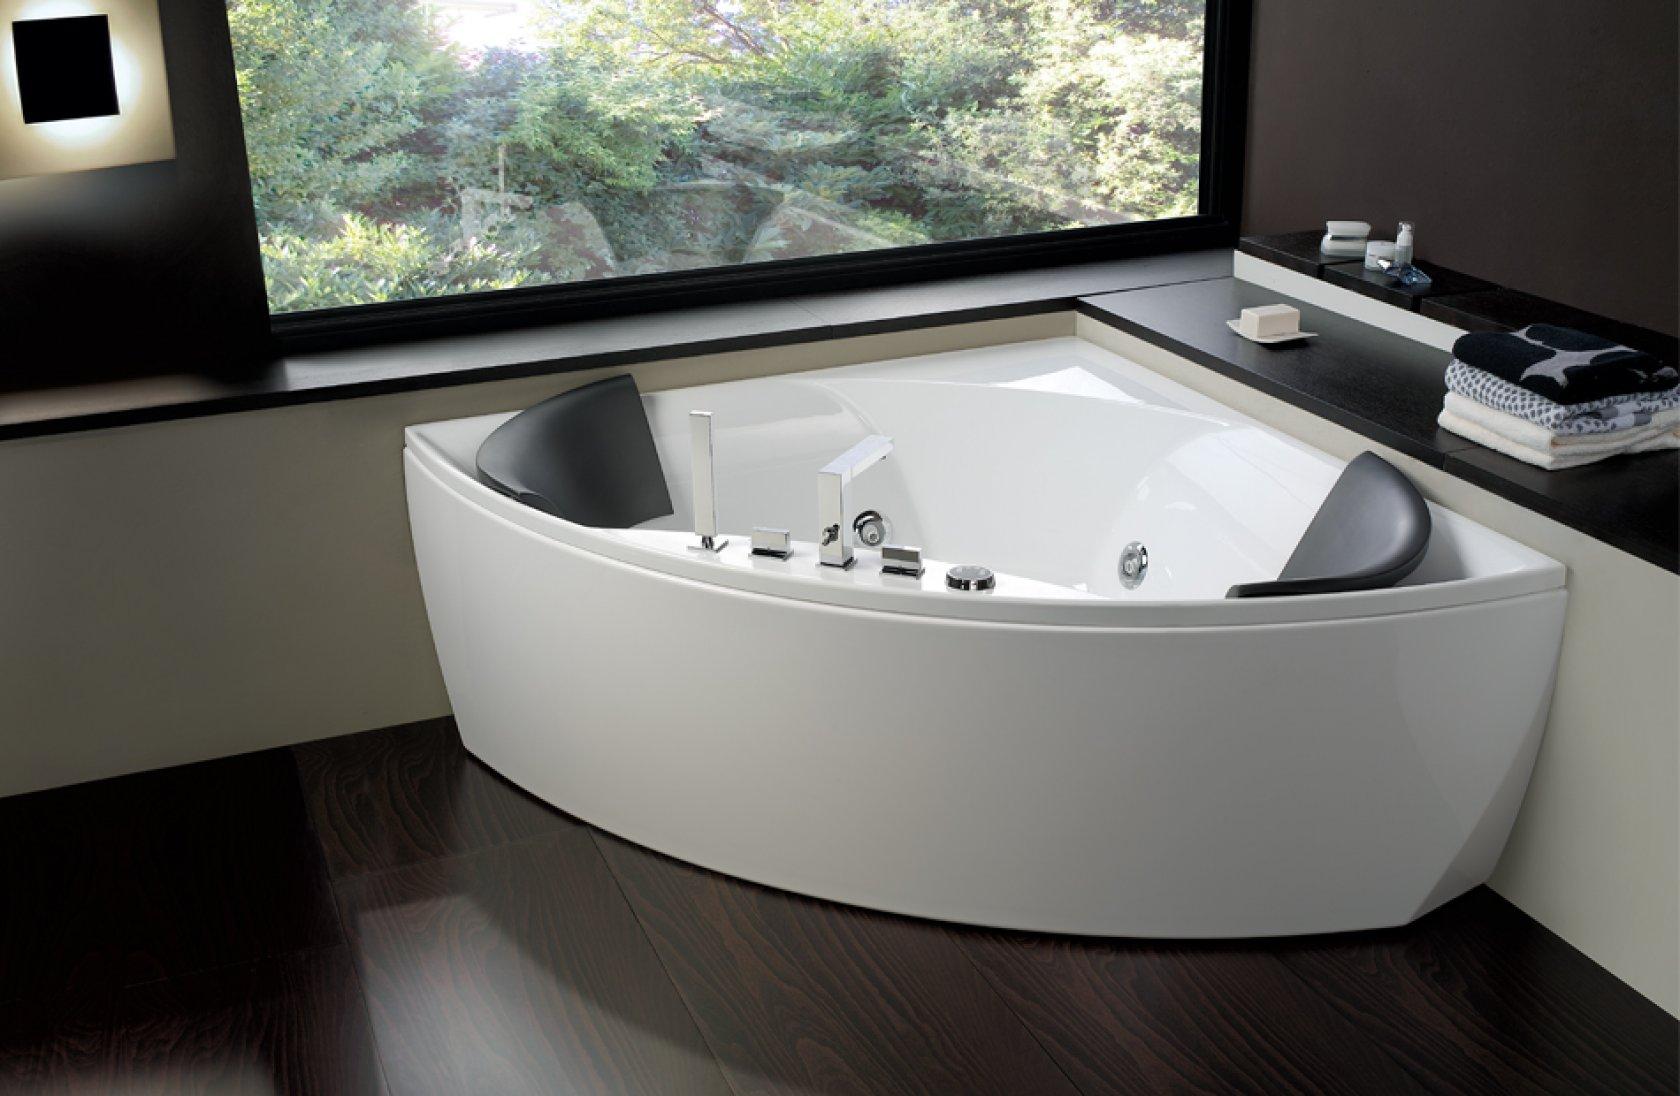 Vasca Da Bagno Disegno : Blubleu vasche da bagno vasche da bagno edilceramiche di maccanò